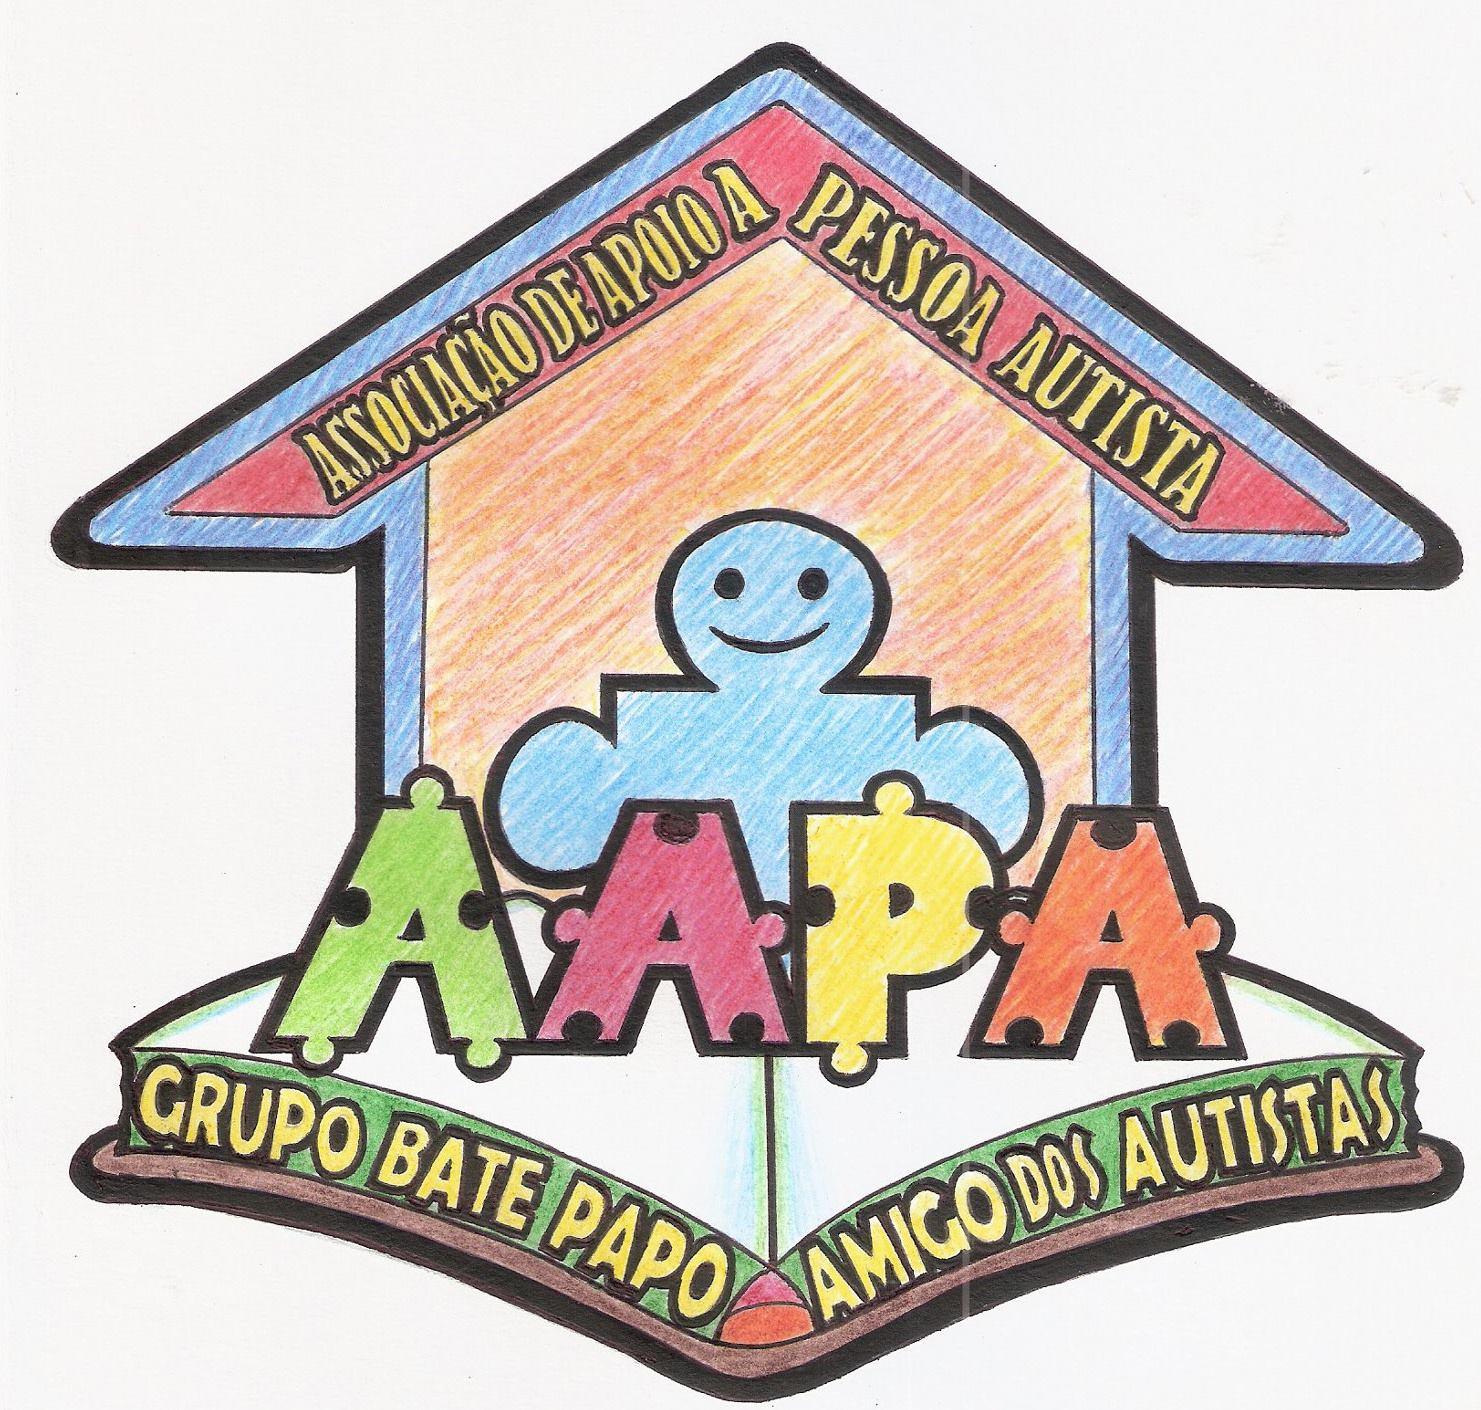 AAPA | Associação de Apoio a Pessoa Autista